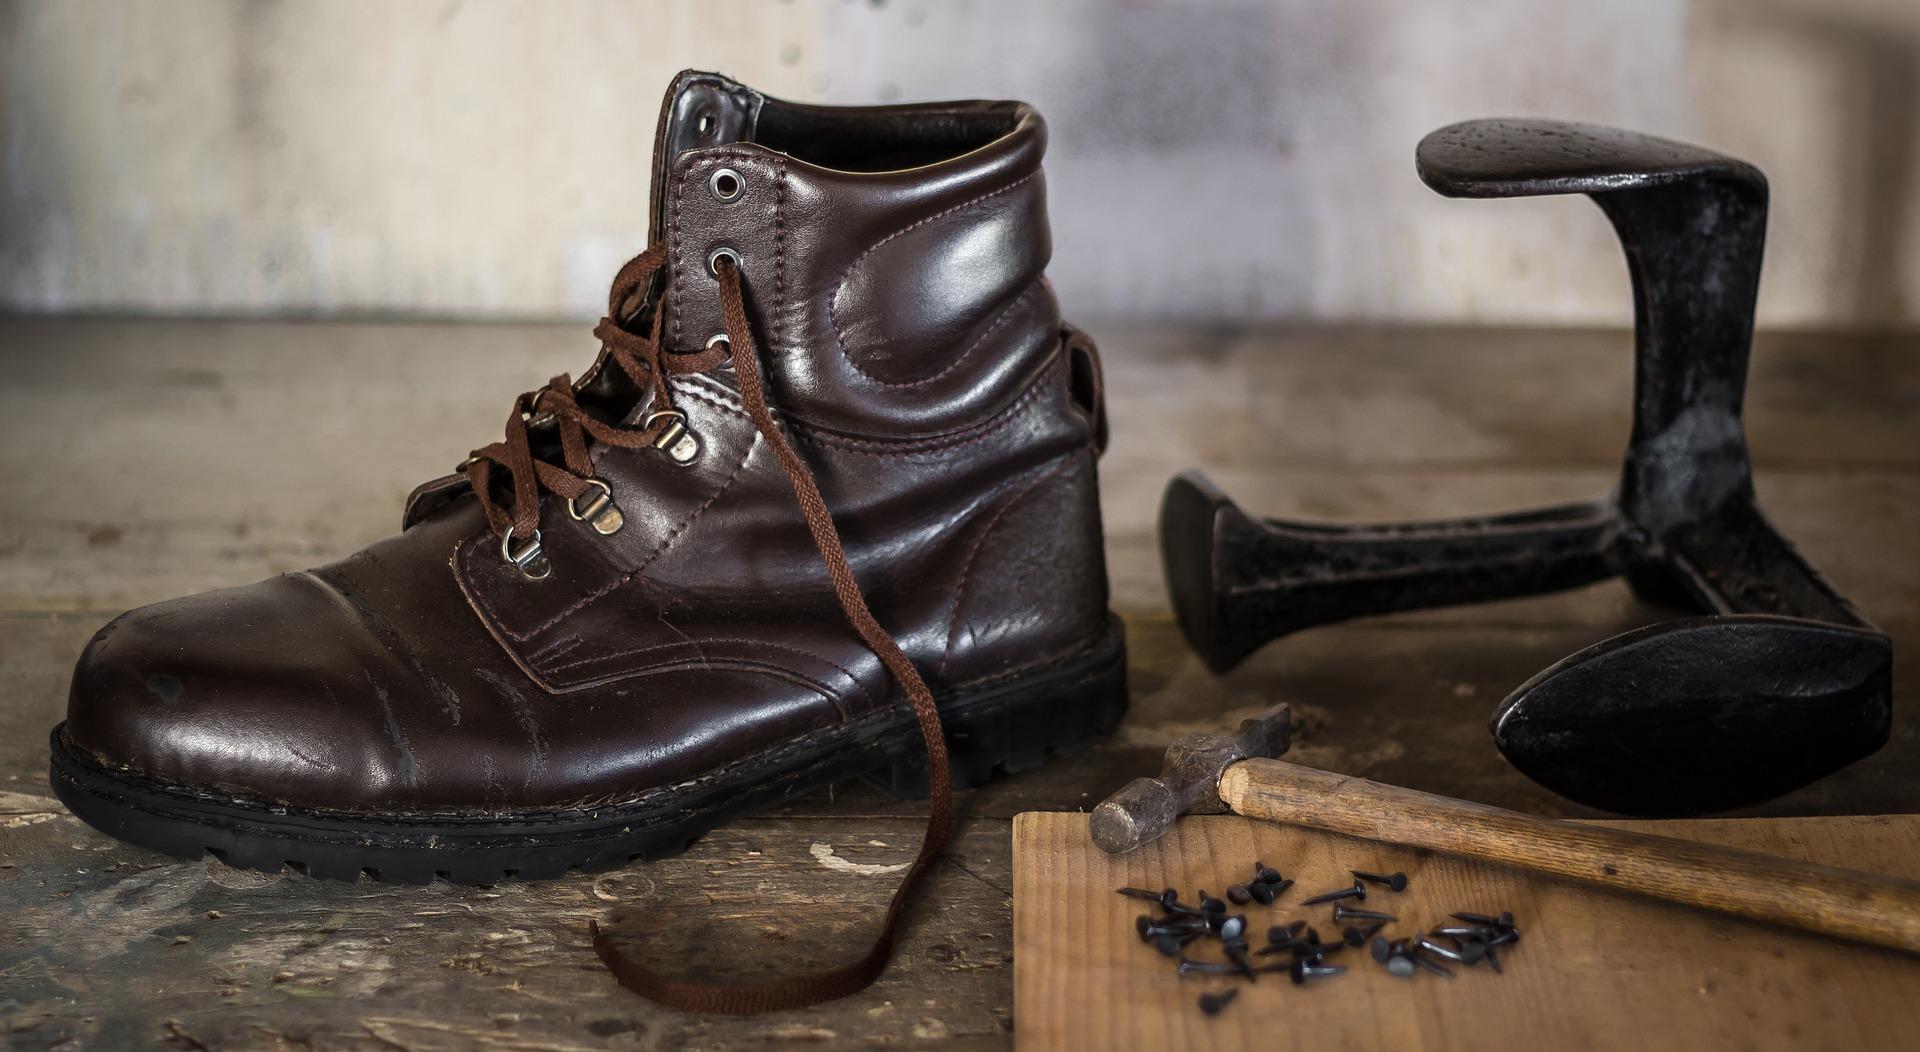 Abbigliamento da lavoro: ecco quando indossare gli stivali di sicurezza